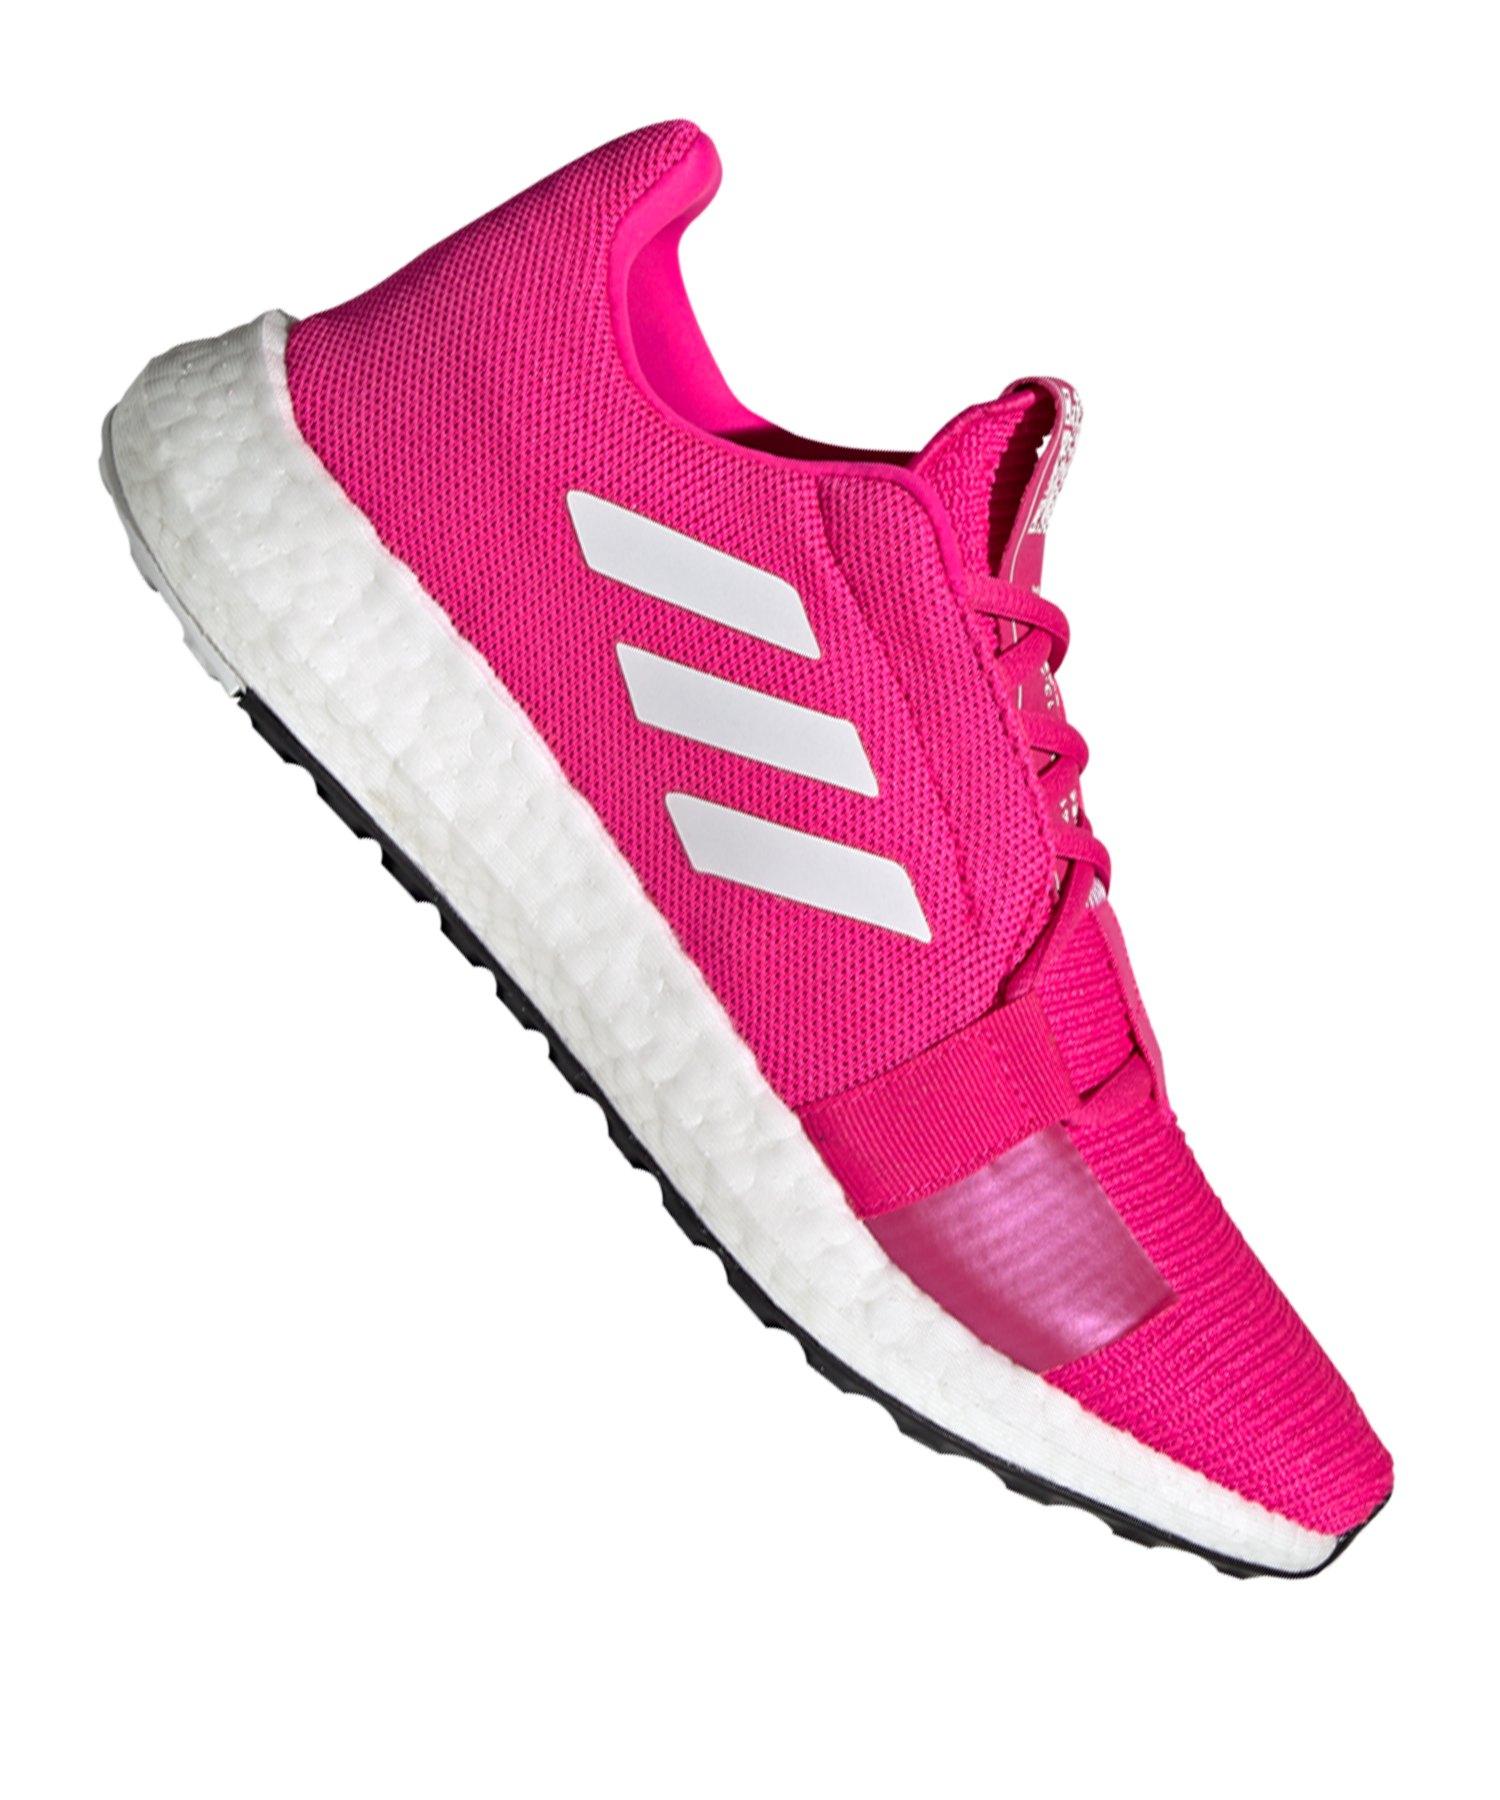 adidas Sense Boost Go Running Damen Pink Weiss - pink